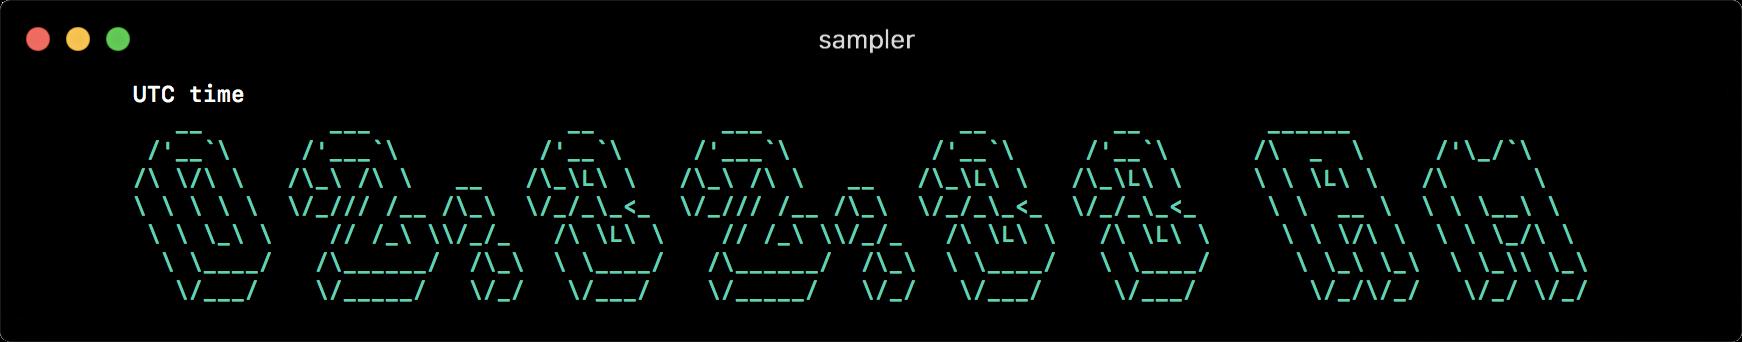 Sampler. Консольная утилита для визуализации результата любых shell команд - 7